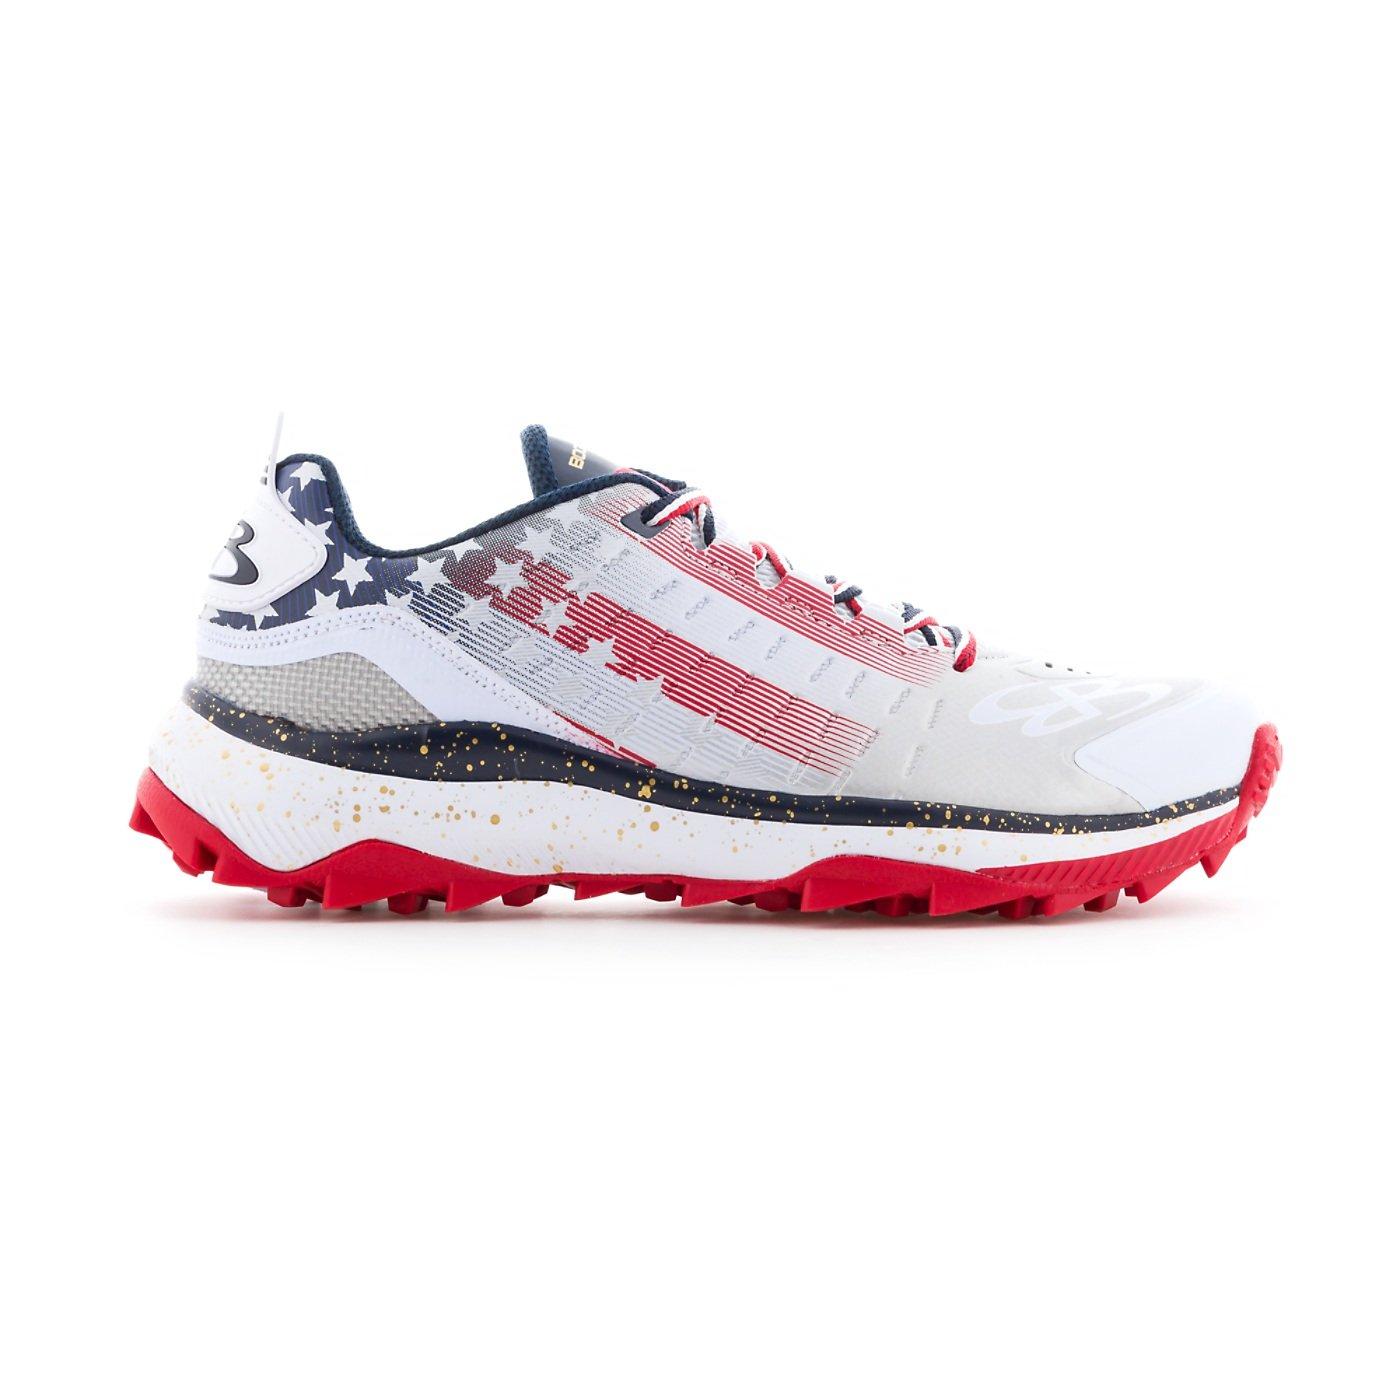 BoombahメンズCatalyst Turf Shoes – 14カラーオプション – 複数のサイズ B07BB5NK7X 10|ネイビー/レッド/ホワイト ネイビー/レッド/ホワイト 10